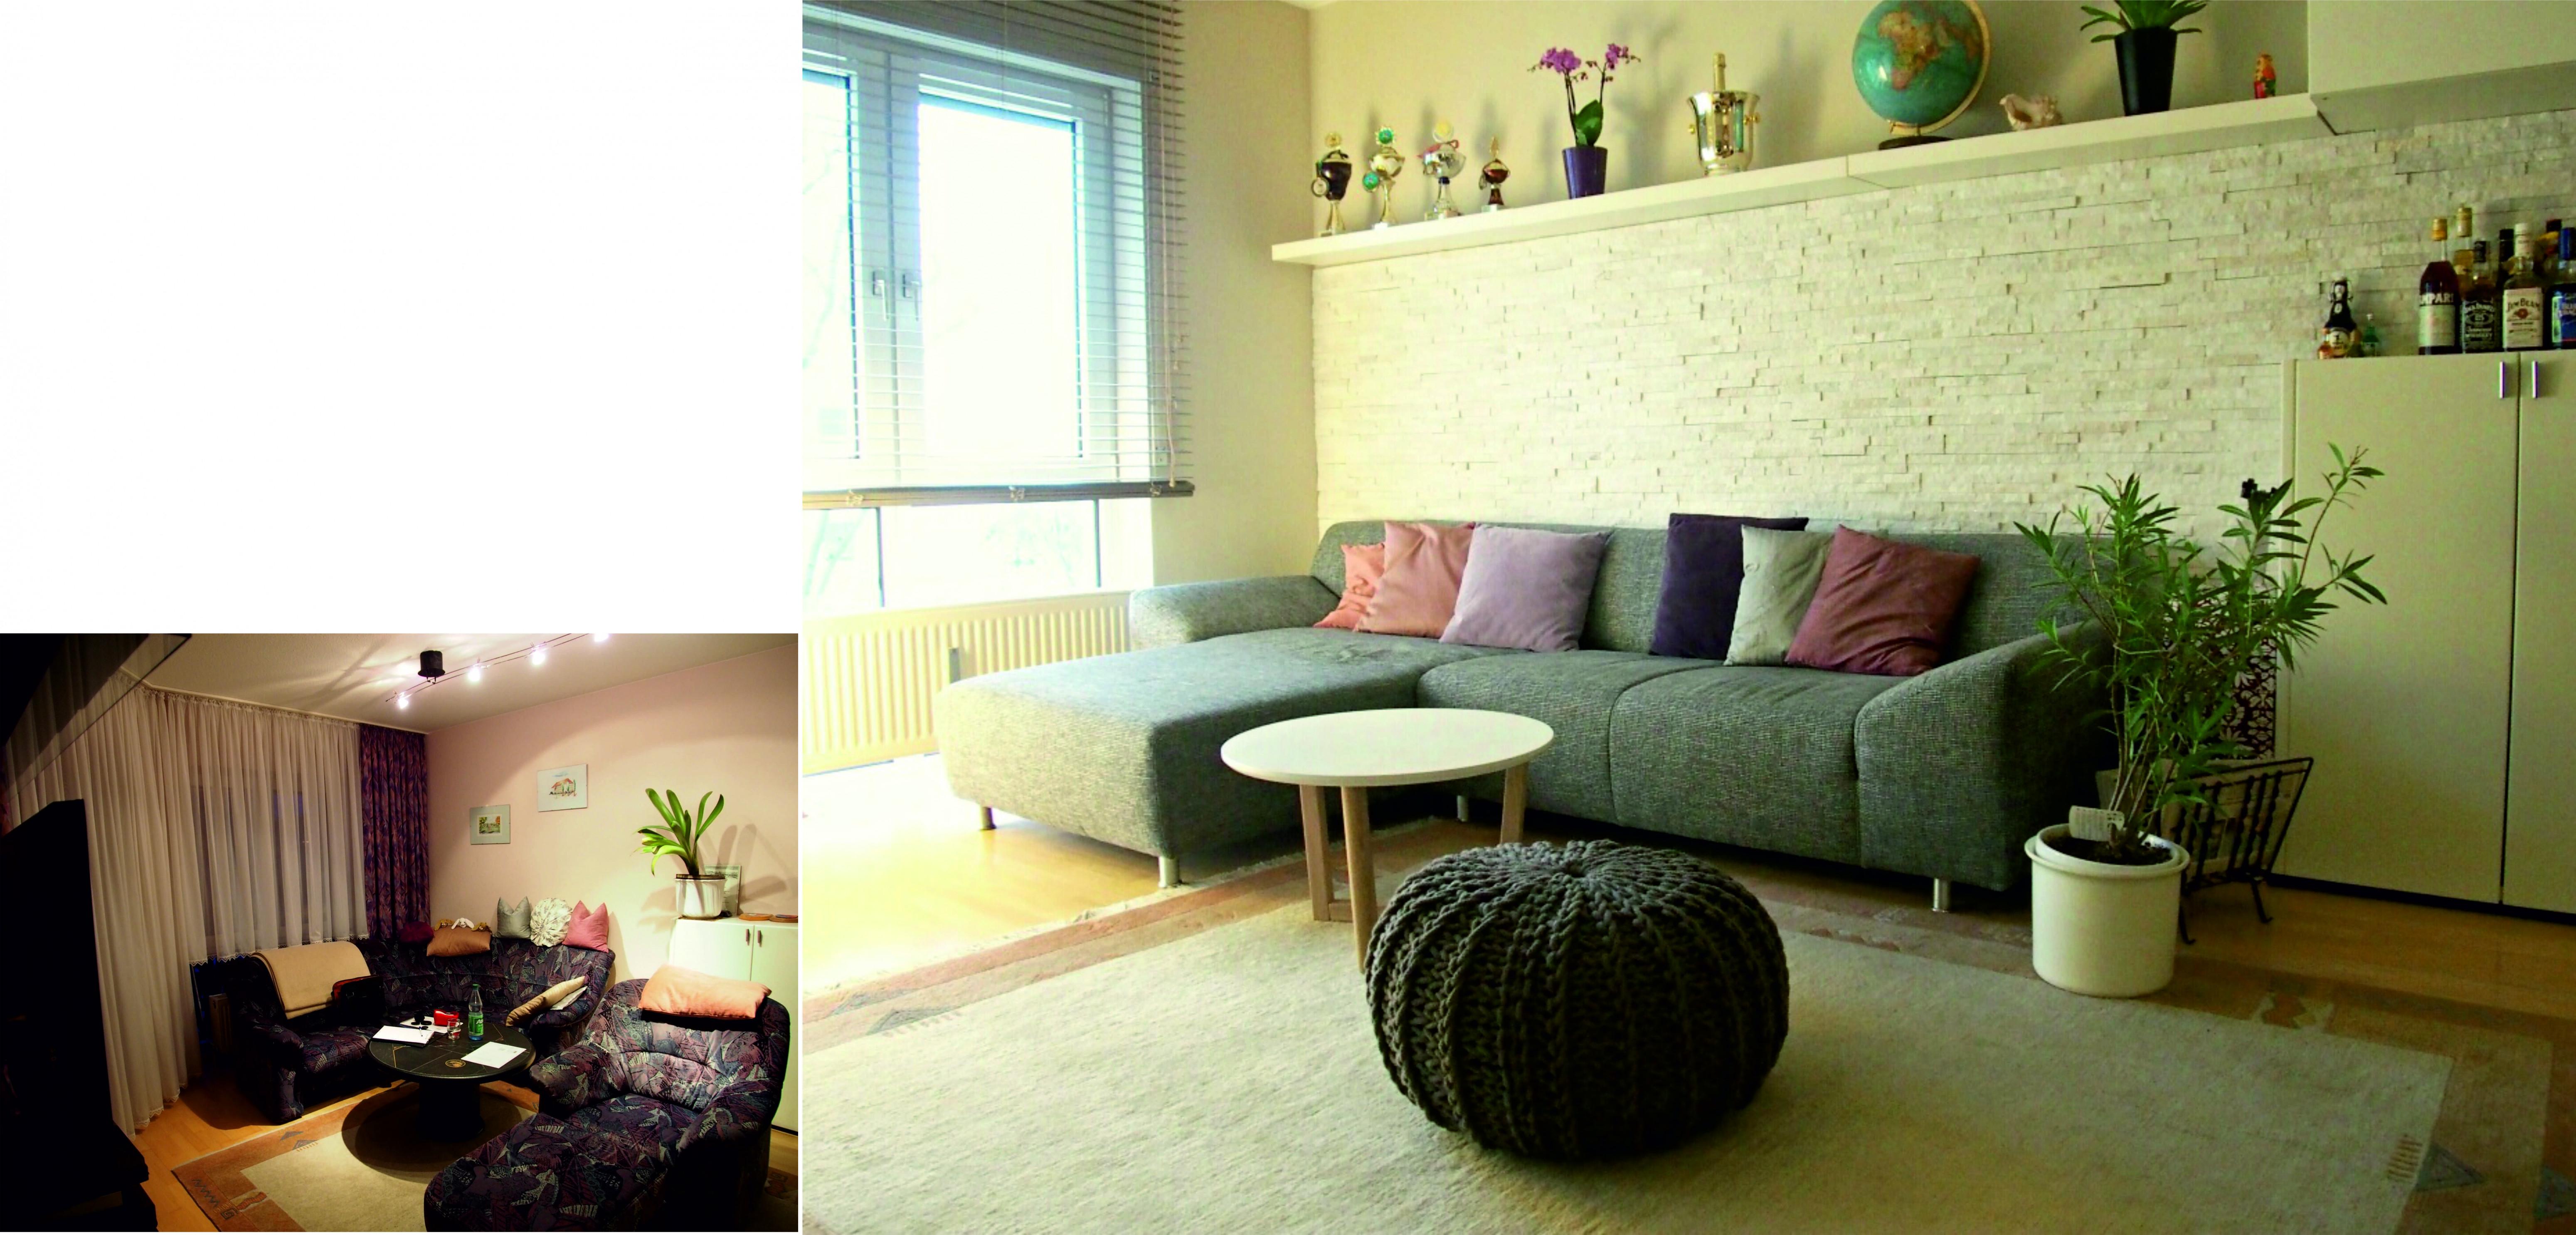 15 Wohnzimmer Einrichtungsideen  Beste Ideen 2019  Living von Kleines Wohnzimmer Einrichten Ideen Photo